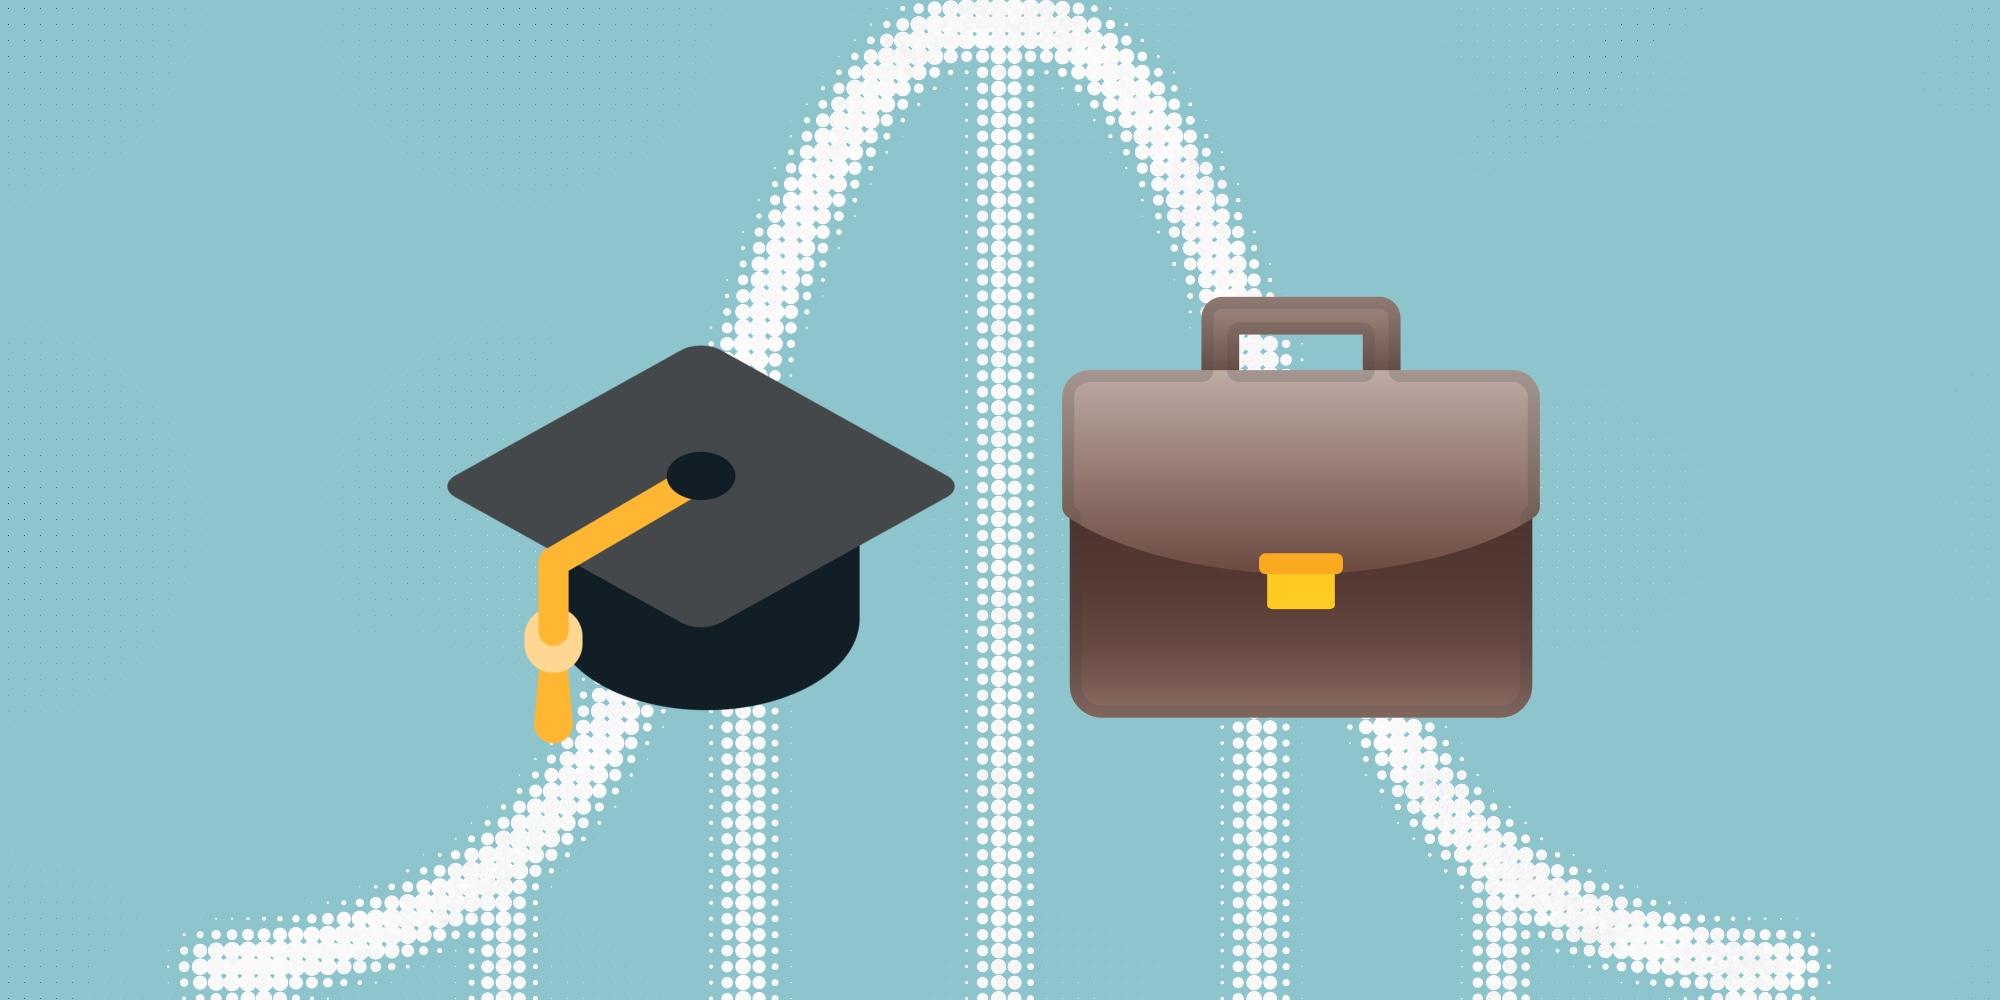 Обучение на Data Scientist: как получить работу, если без опыта никуда не берут?